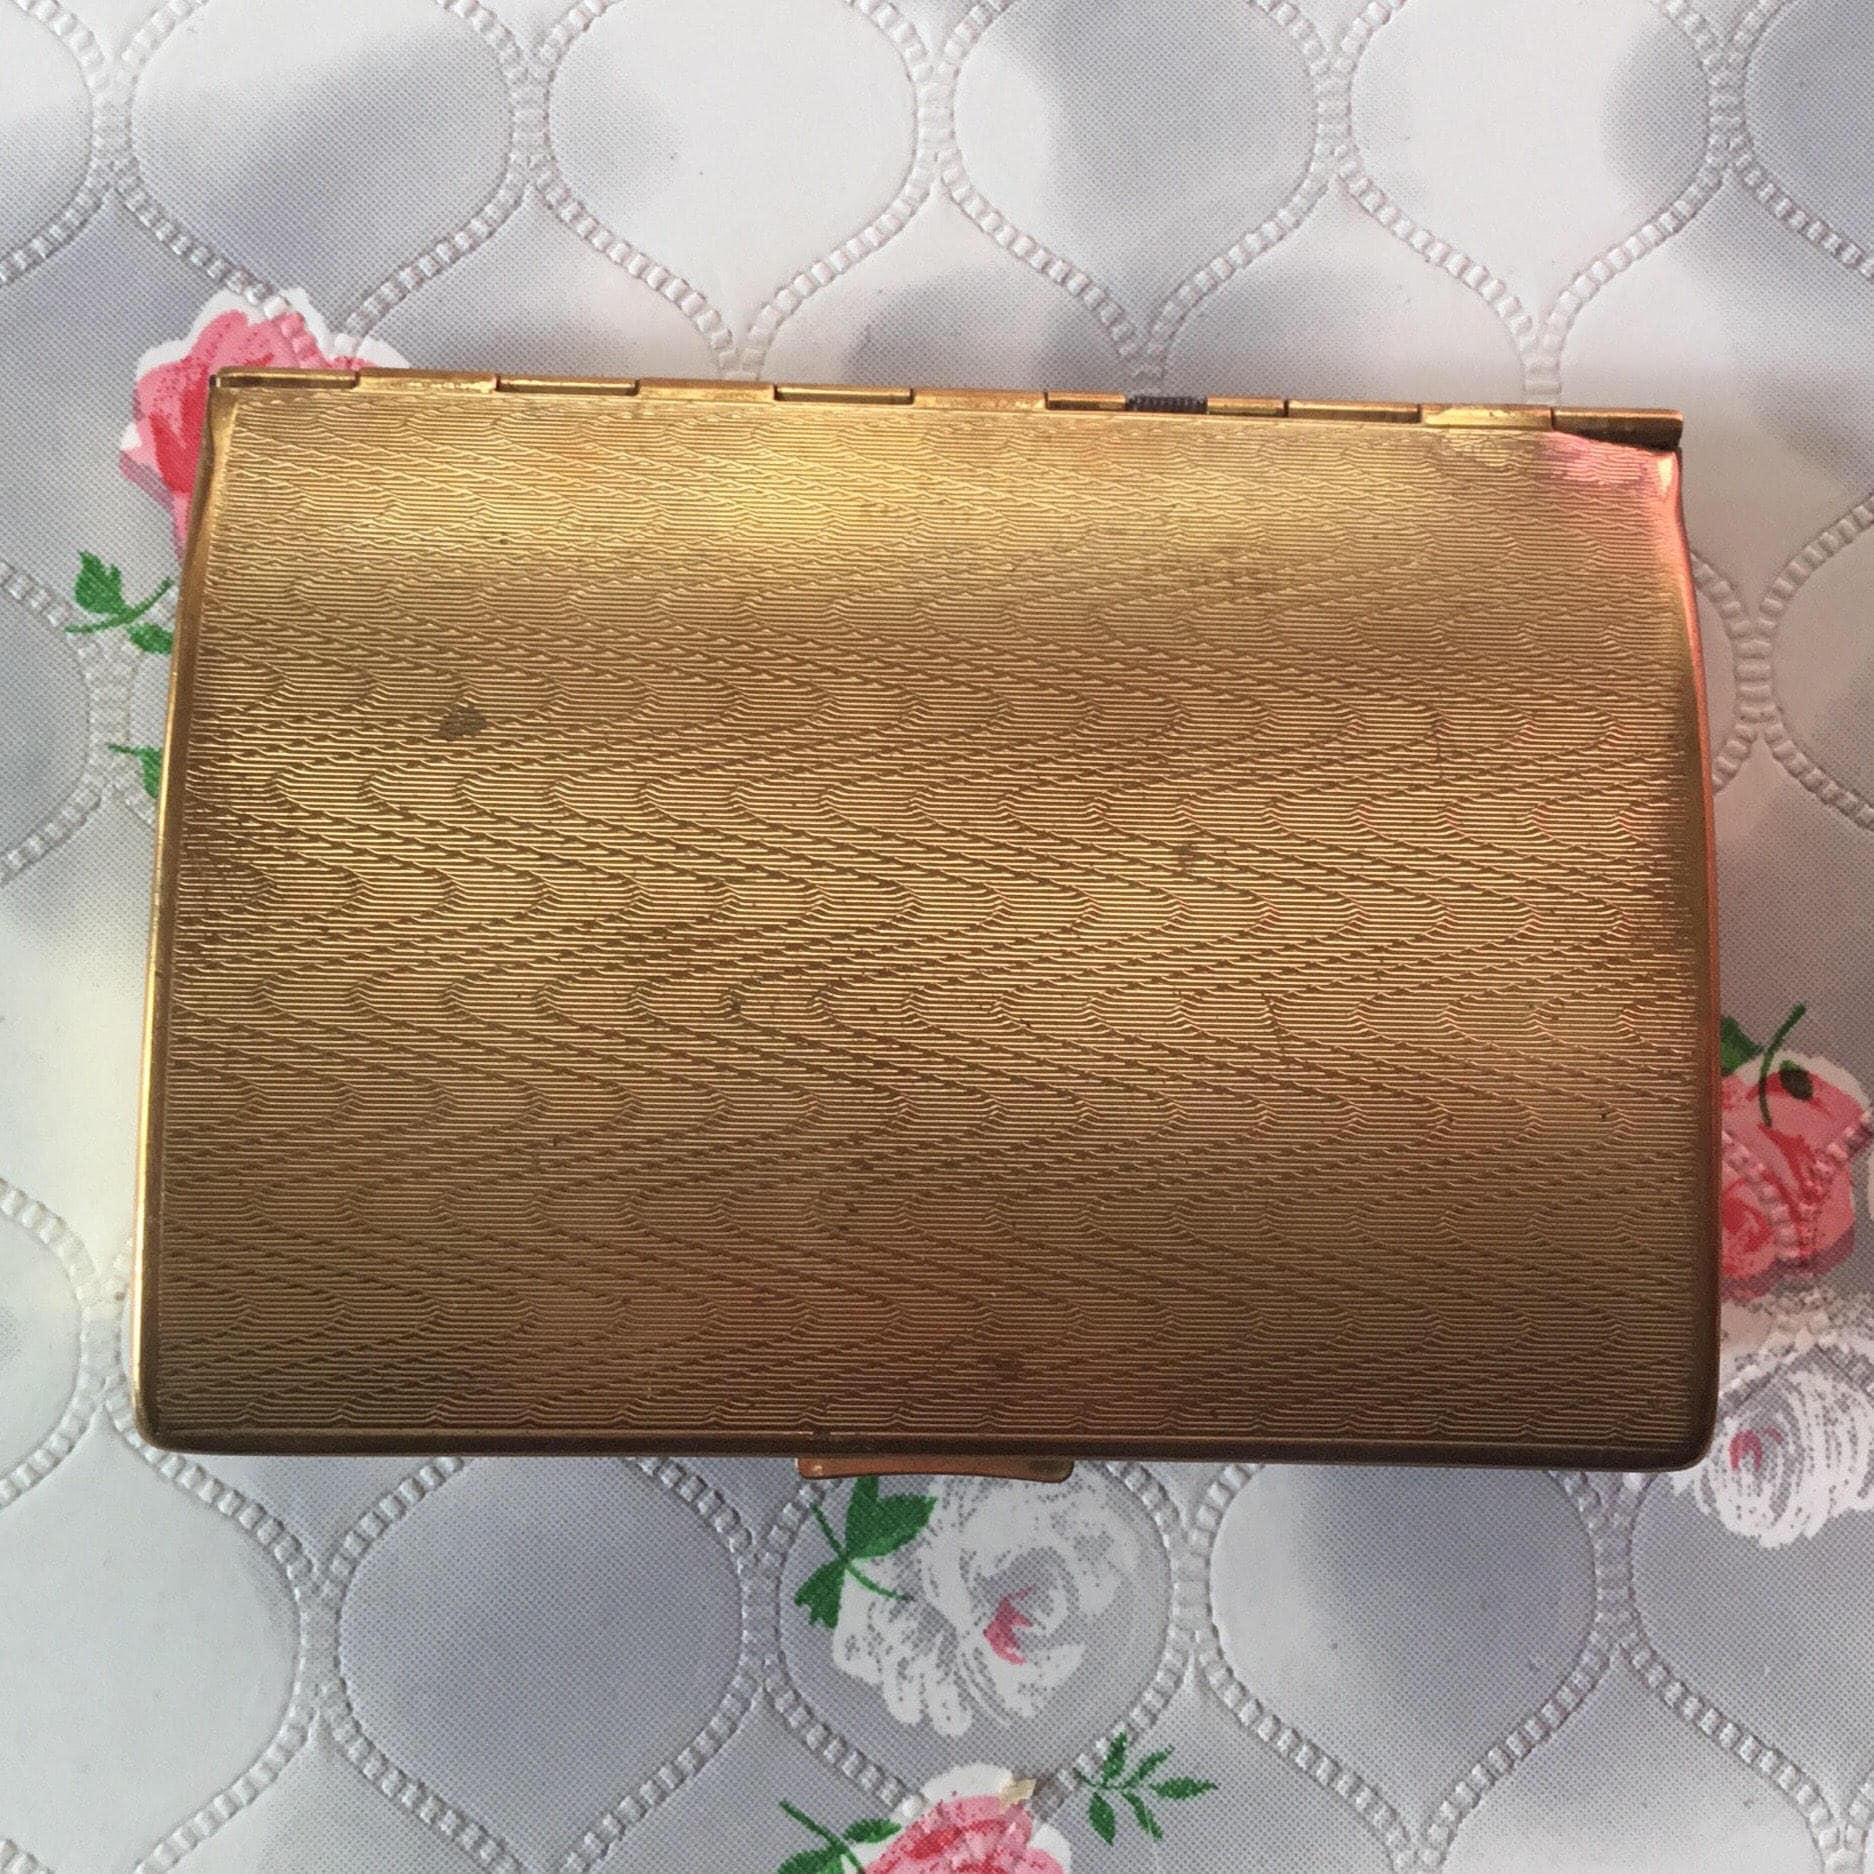 Vintage Melissa ladies gold tone cigarette case c1960s, could be ...